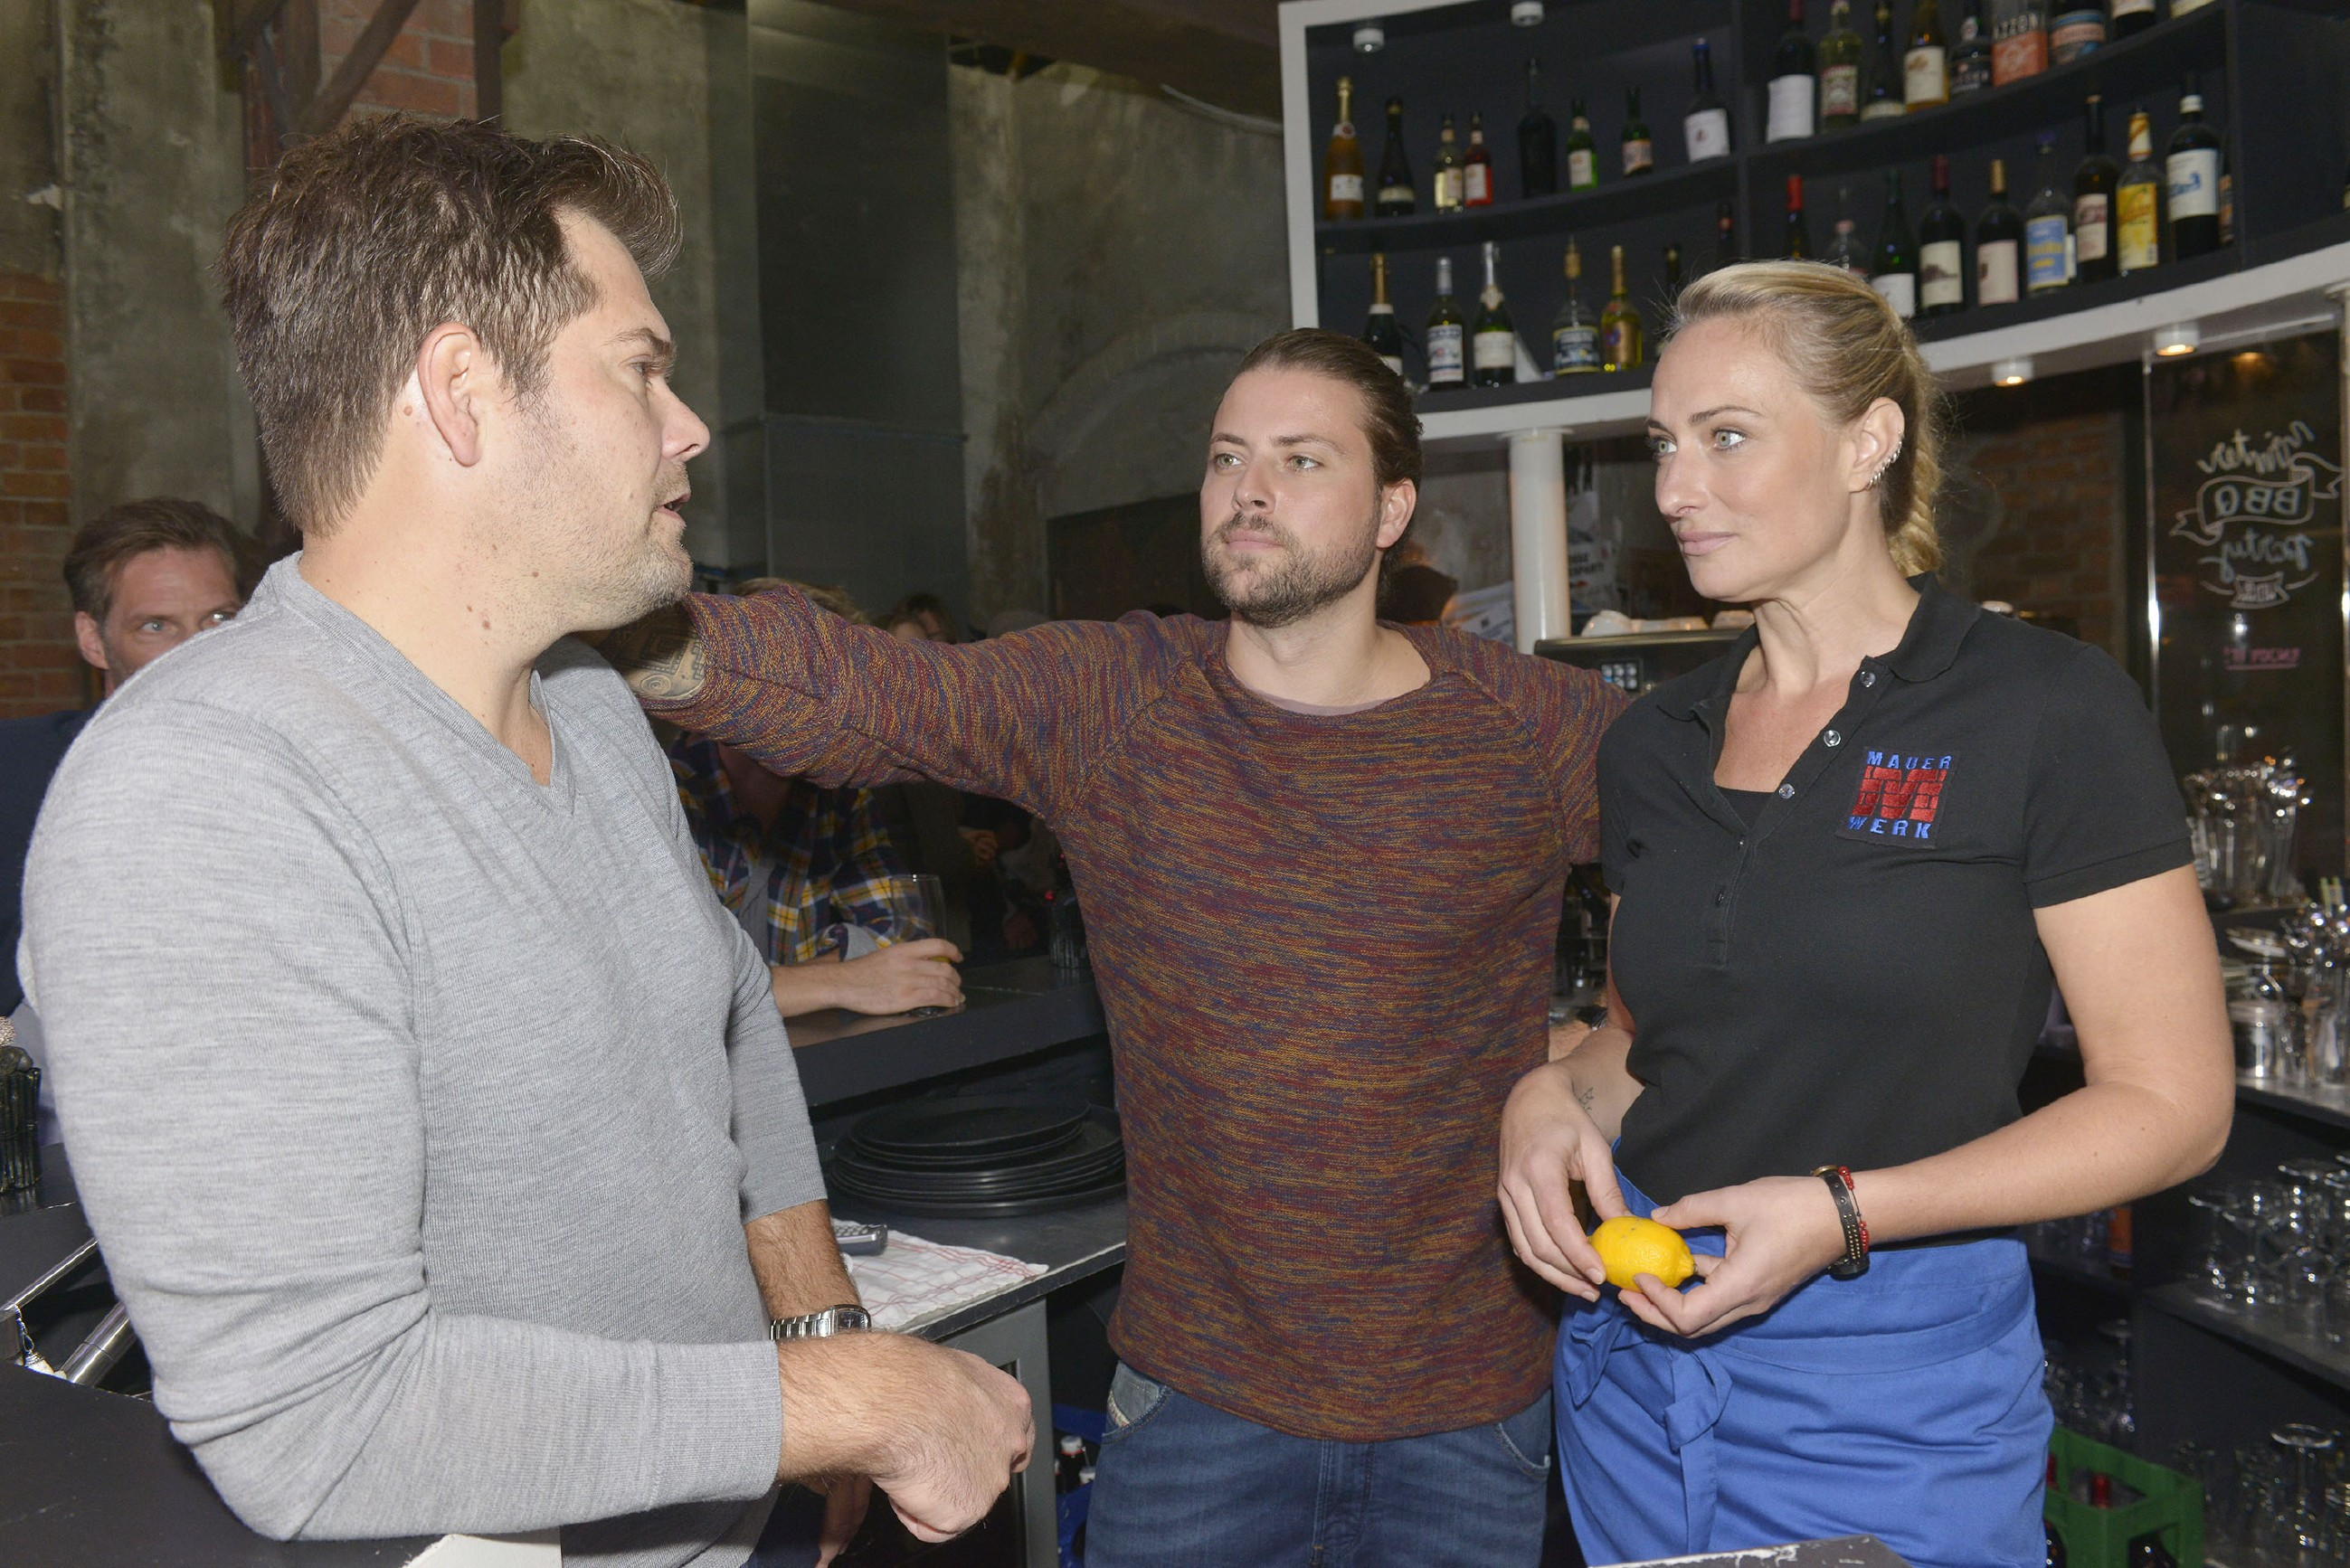 Als Leon (Daniel Fehlow, l.) überraschend mit Sophie verreisen will, schlägt er John (Felix von Jascheroff) vor, mit Maren (Eva Mona Rodekirchen) als Leons Vertretung zusammenzuarbeiten. Aber ist das wirklich eine gute Idee? (RTL / Rolf Baumgartner)